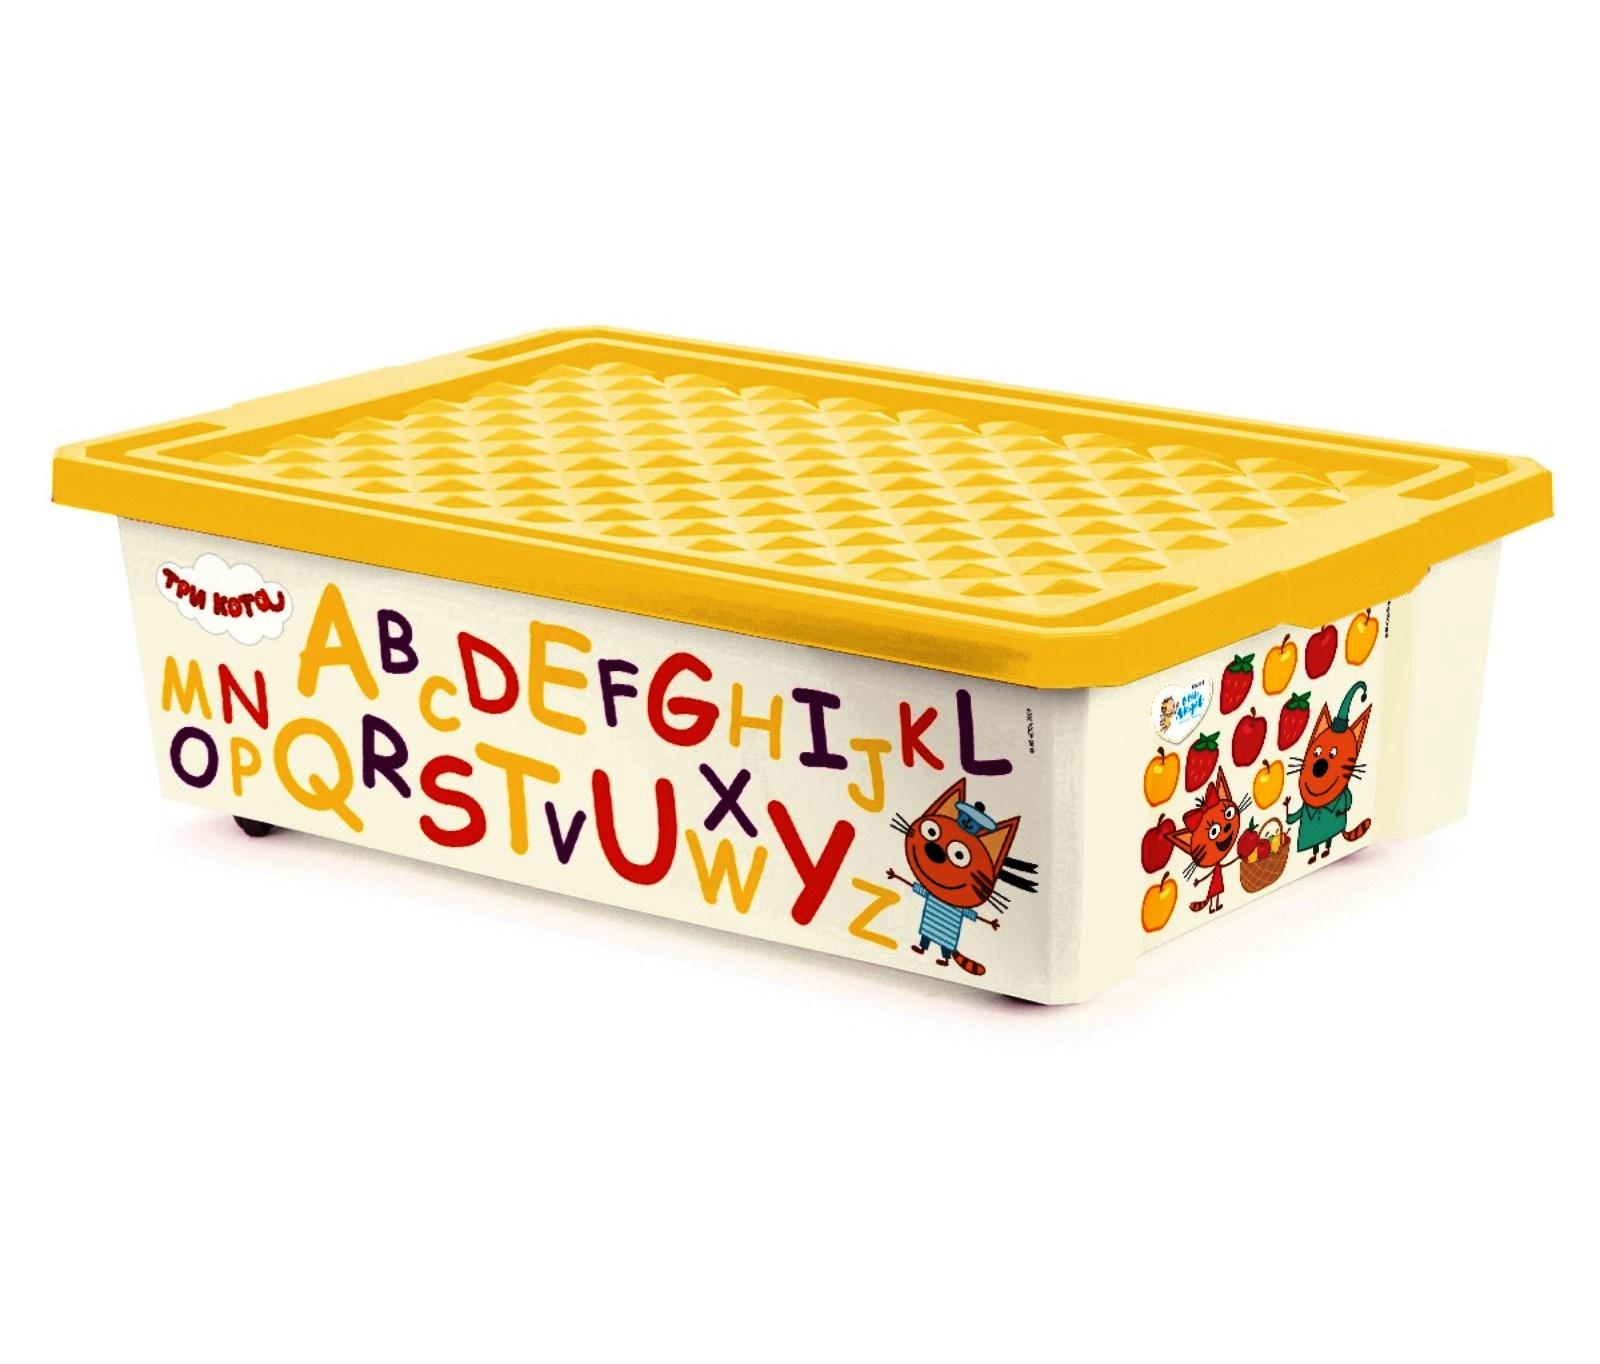 Ящик на колесах под детскую кровать (контейнер, коробка) для игрушек 30 литров с желтой крышкой ТРИ КОТА ОБУЧАЙКА CЧИТАЙ на колесиках, 60х40х17,5 см., Little Angel, Plastic Republic